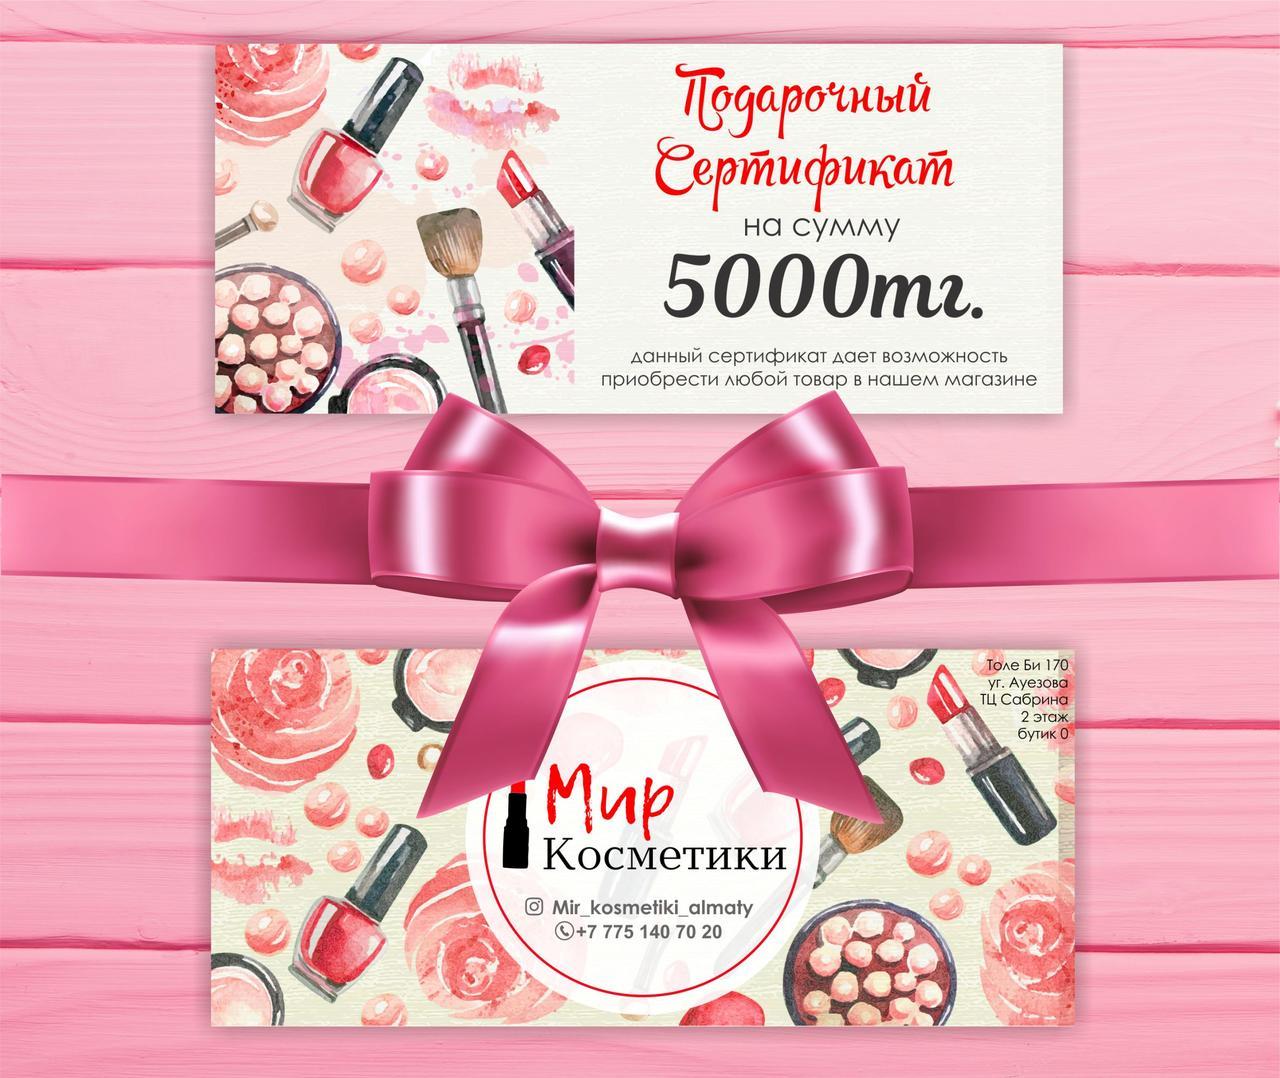 Сертификат на косметику купить брендовая косметика в минске купить